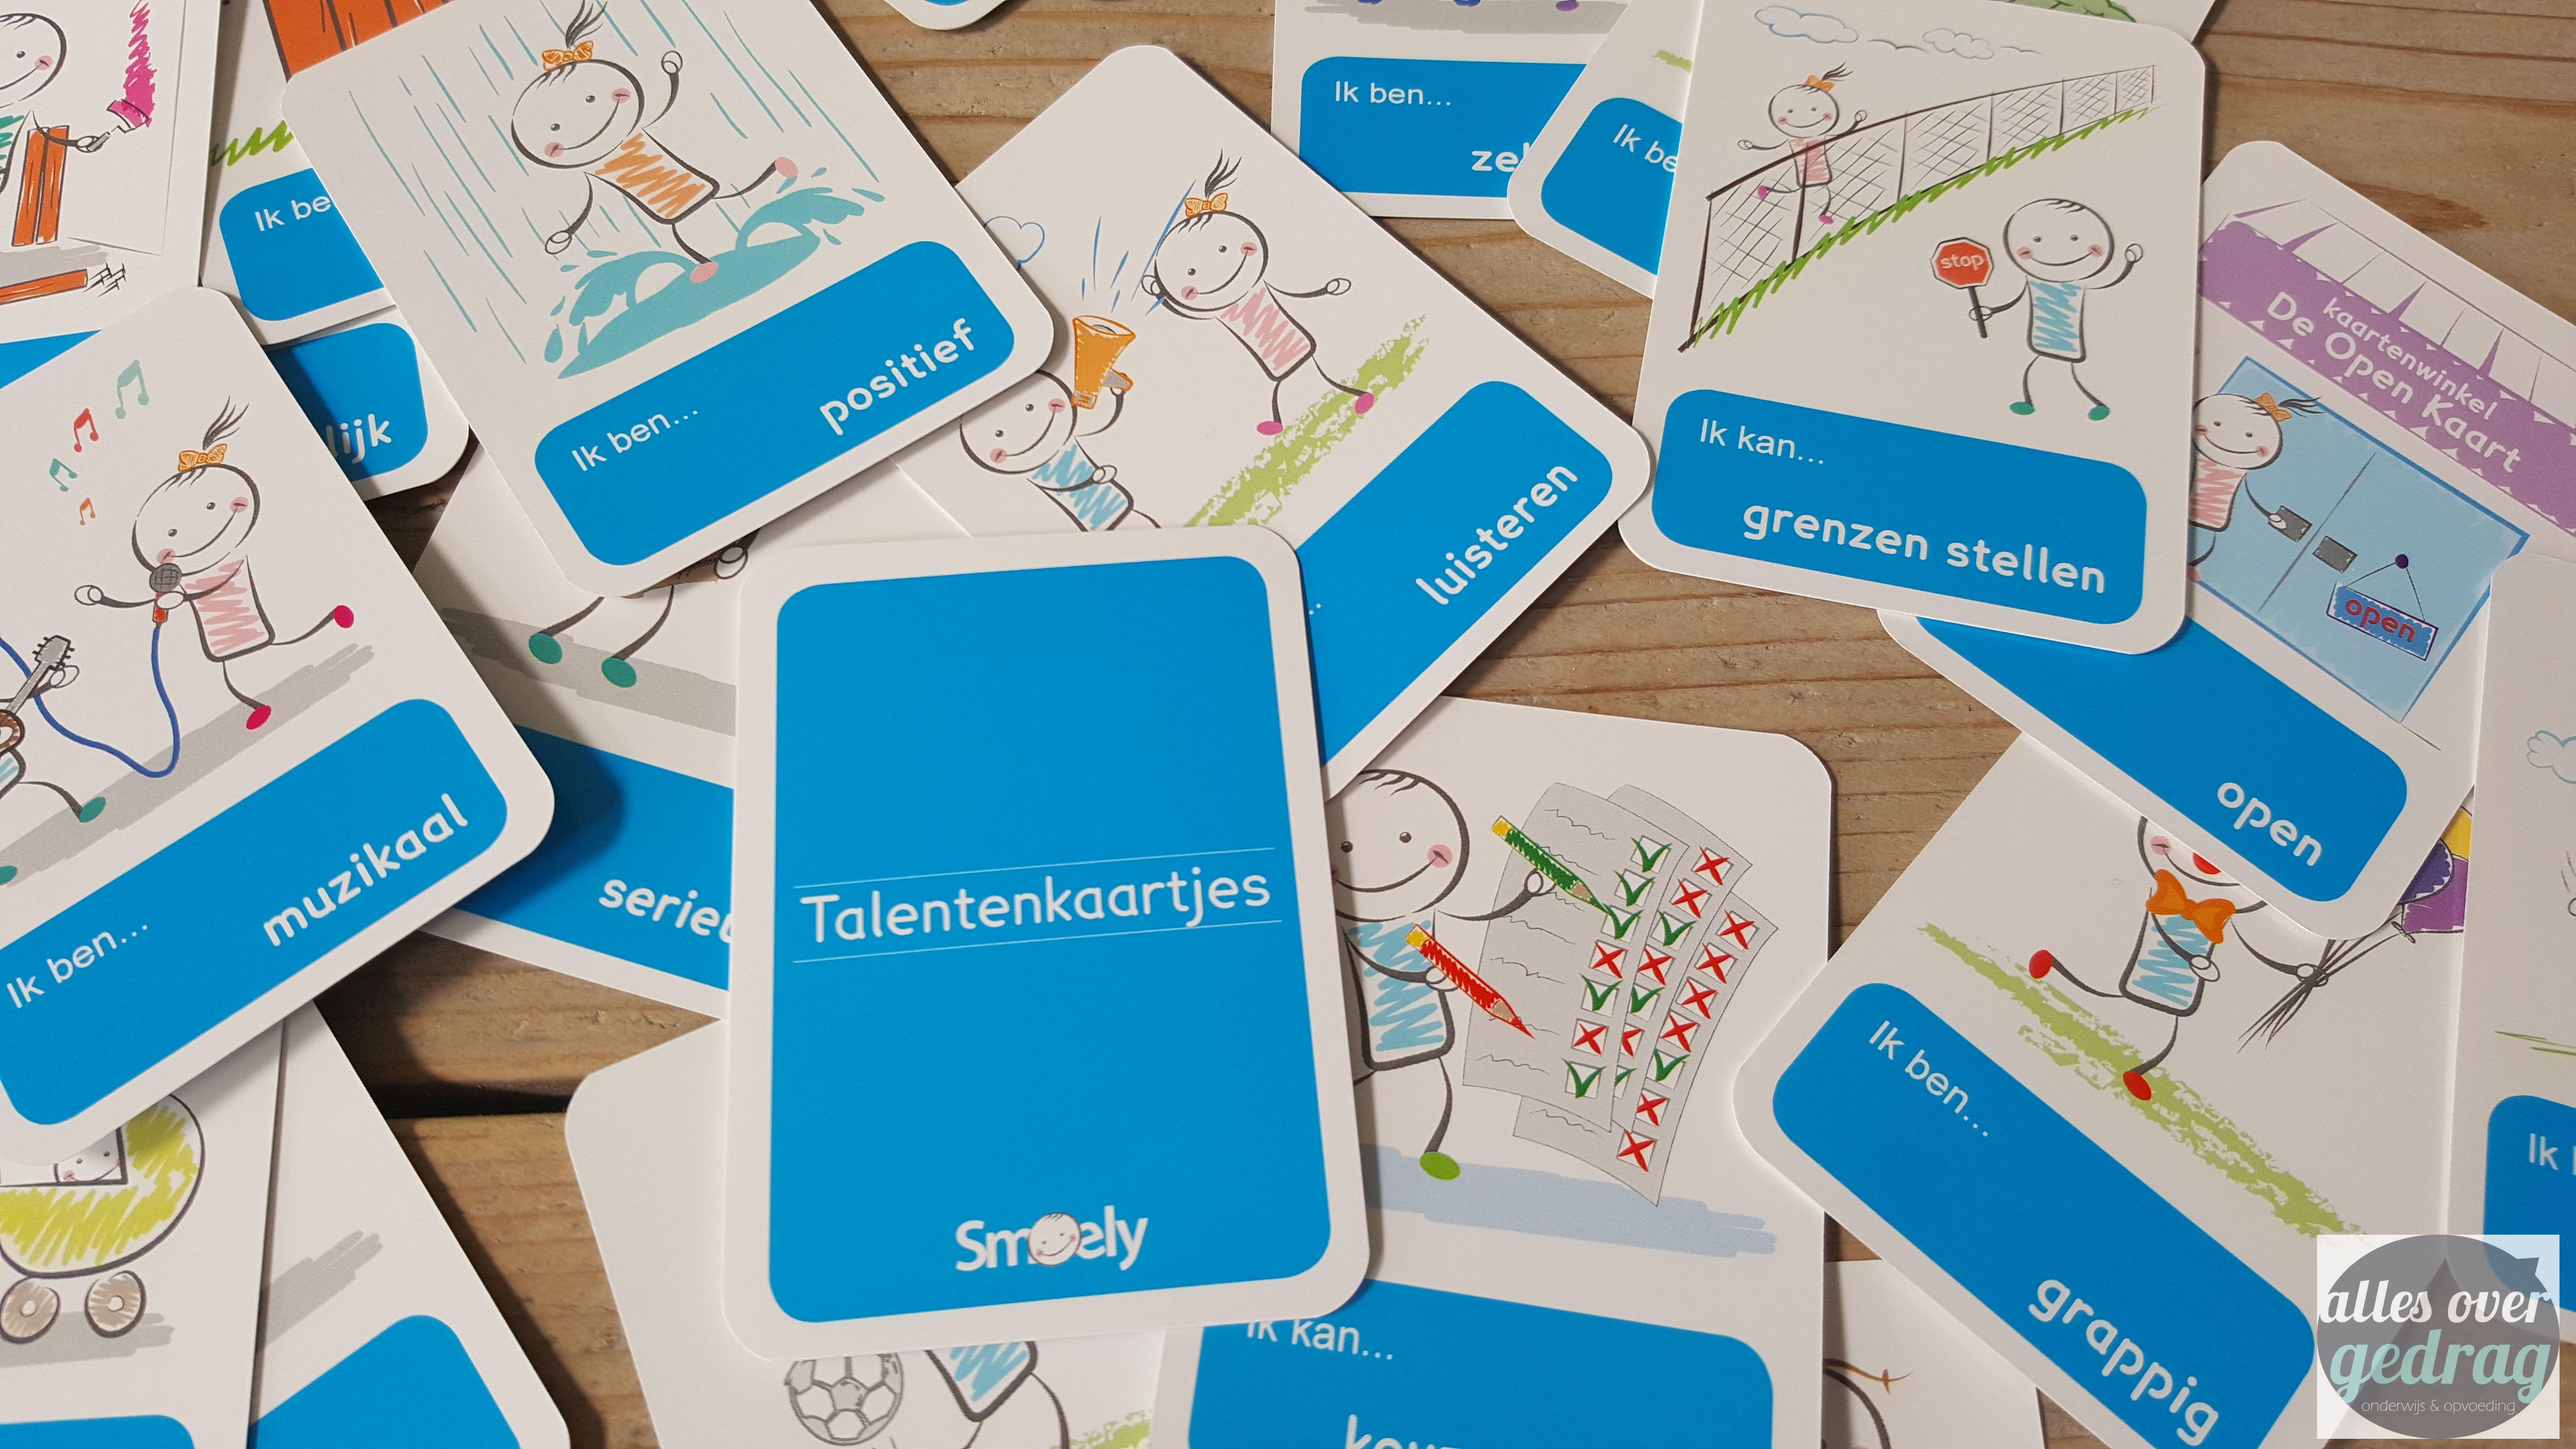 De kaarten op tafel leggen parksidetraceapartments